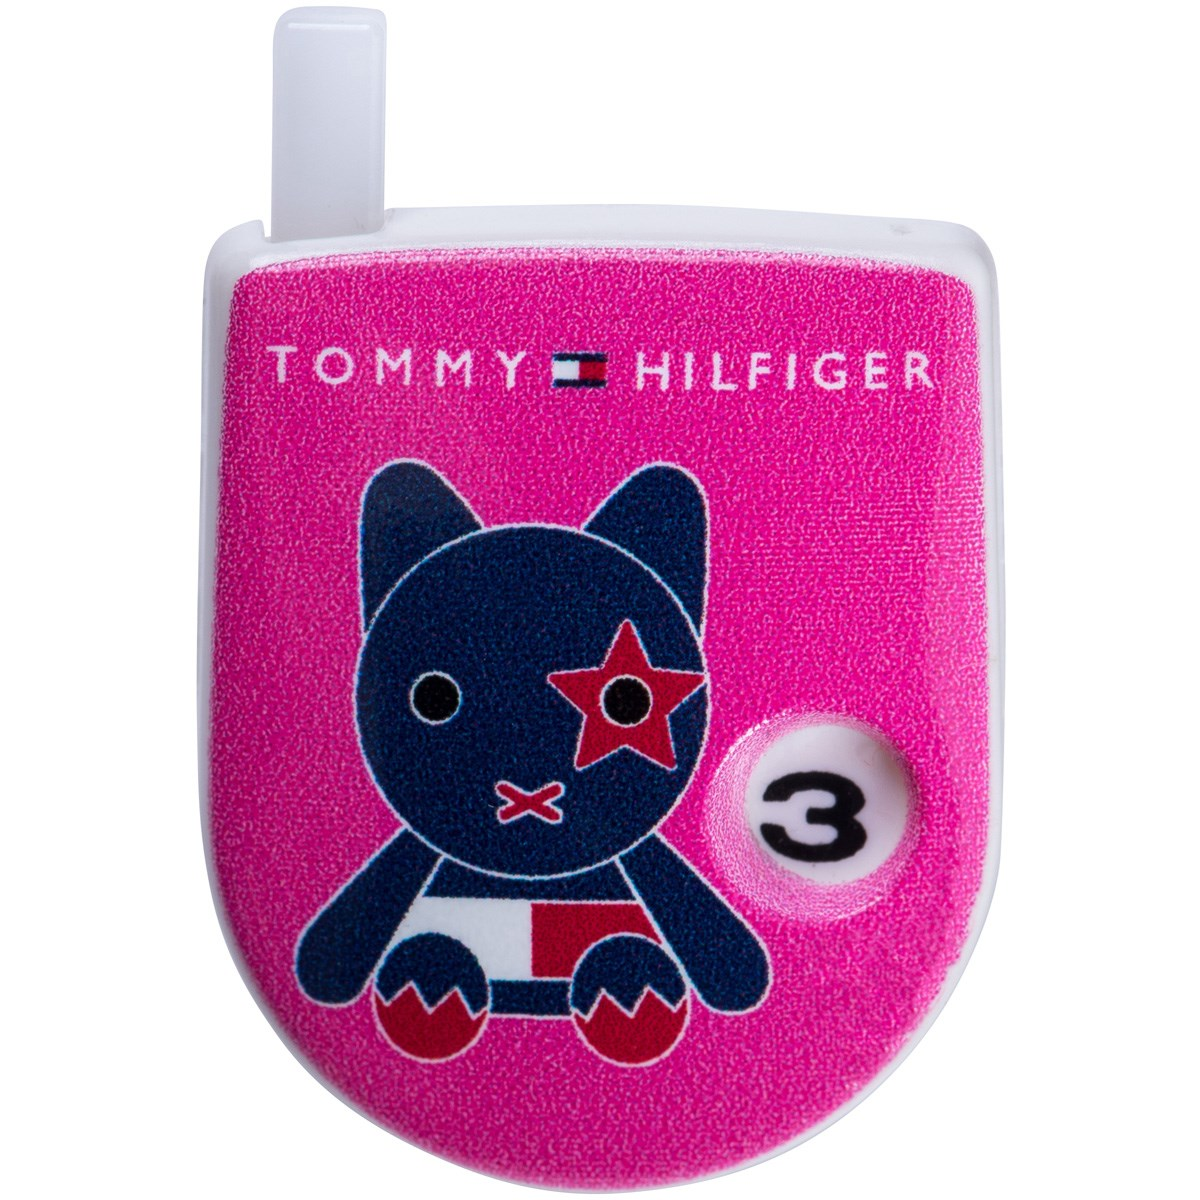 トミー ヒルフィガー ゴルフ TOMMY HILFIGER GOLF MASCOT カウンター ピンク 48